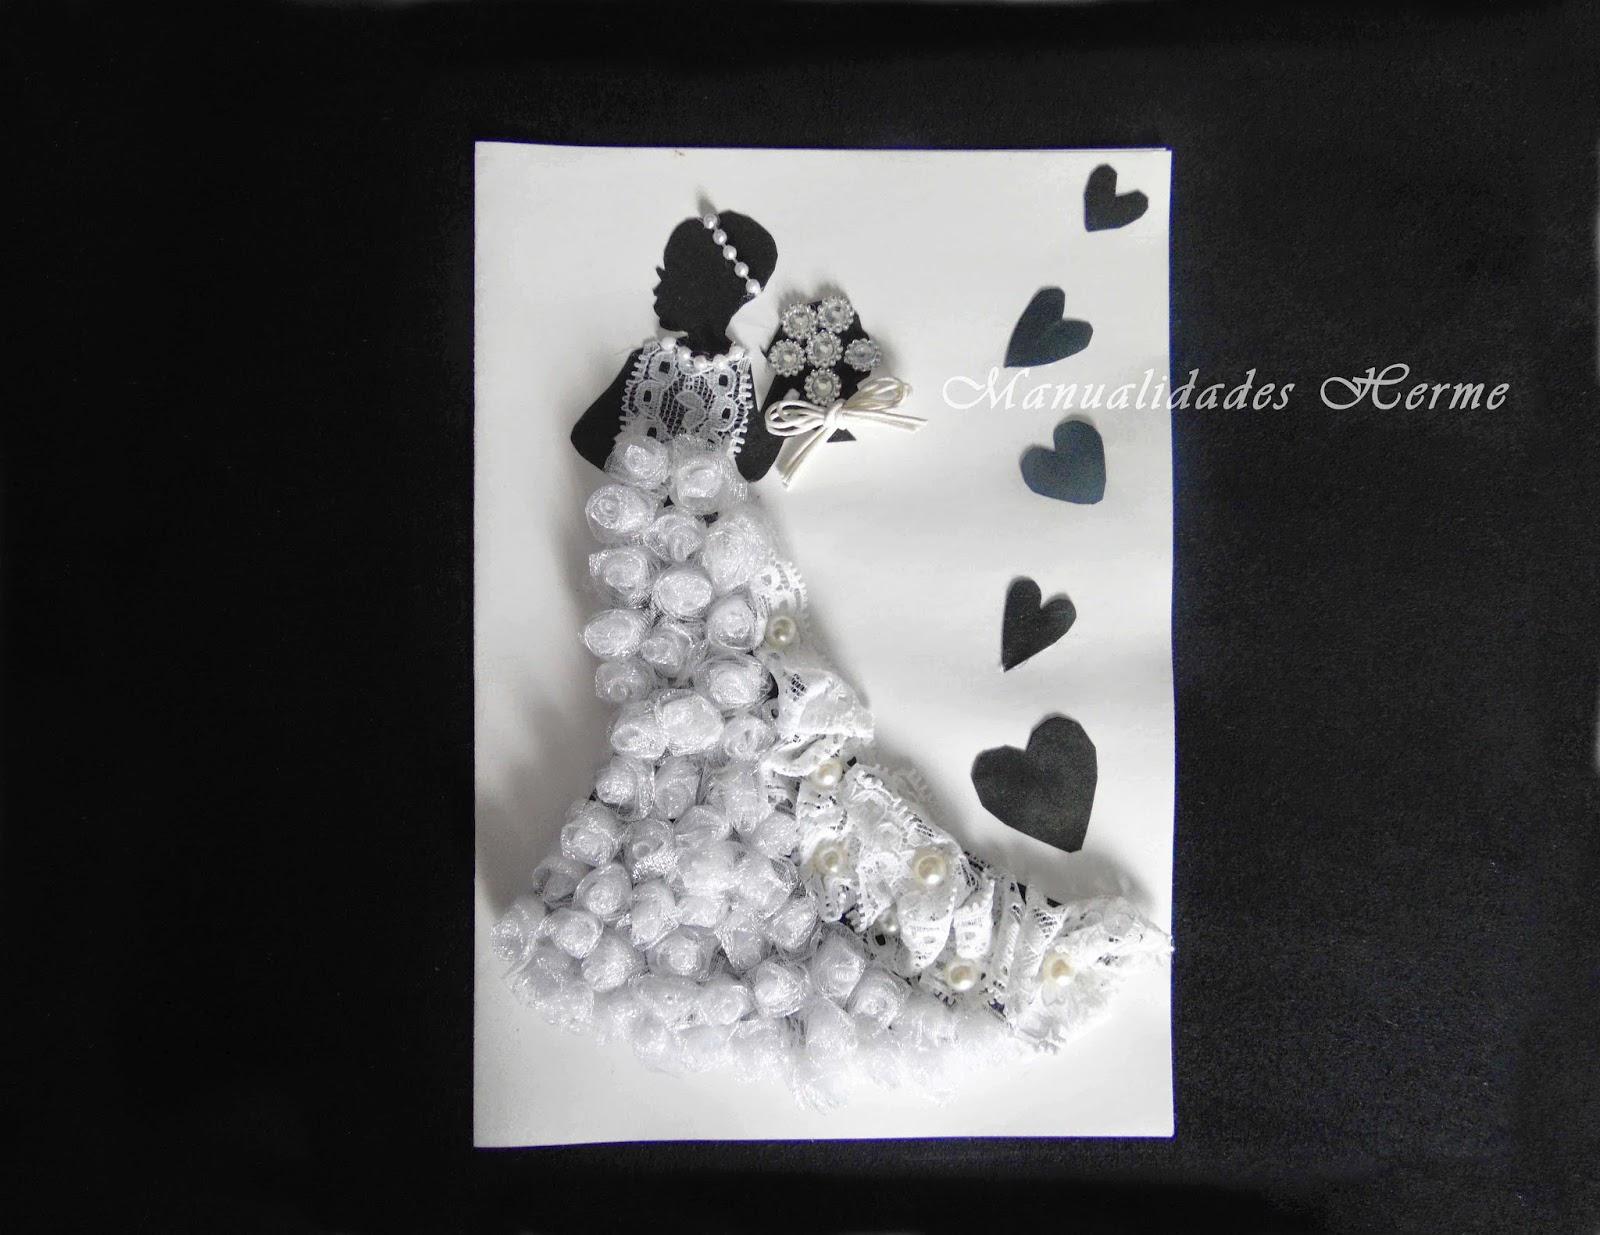 Manualidades herme diy hacer tarjeta para evento - Como adornar una cartulina ...